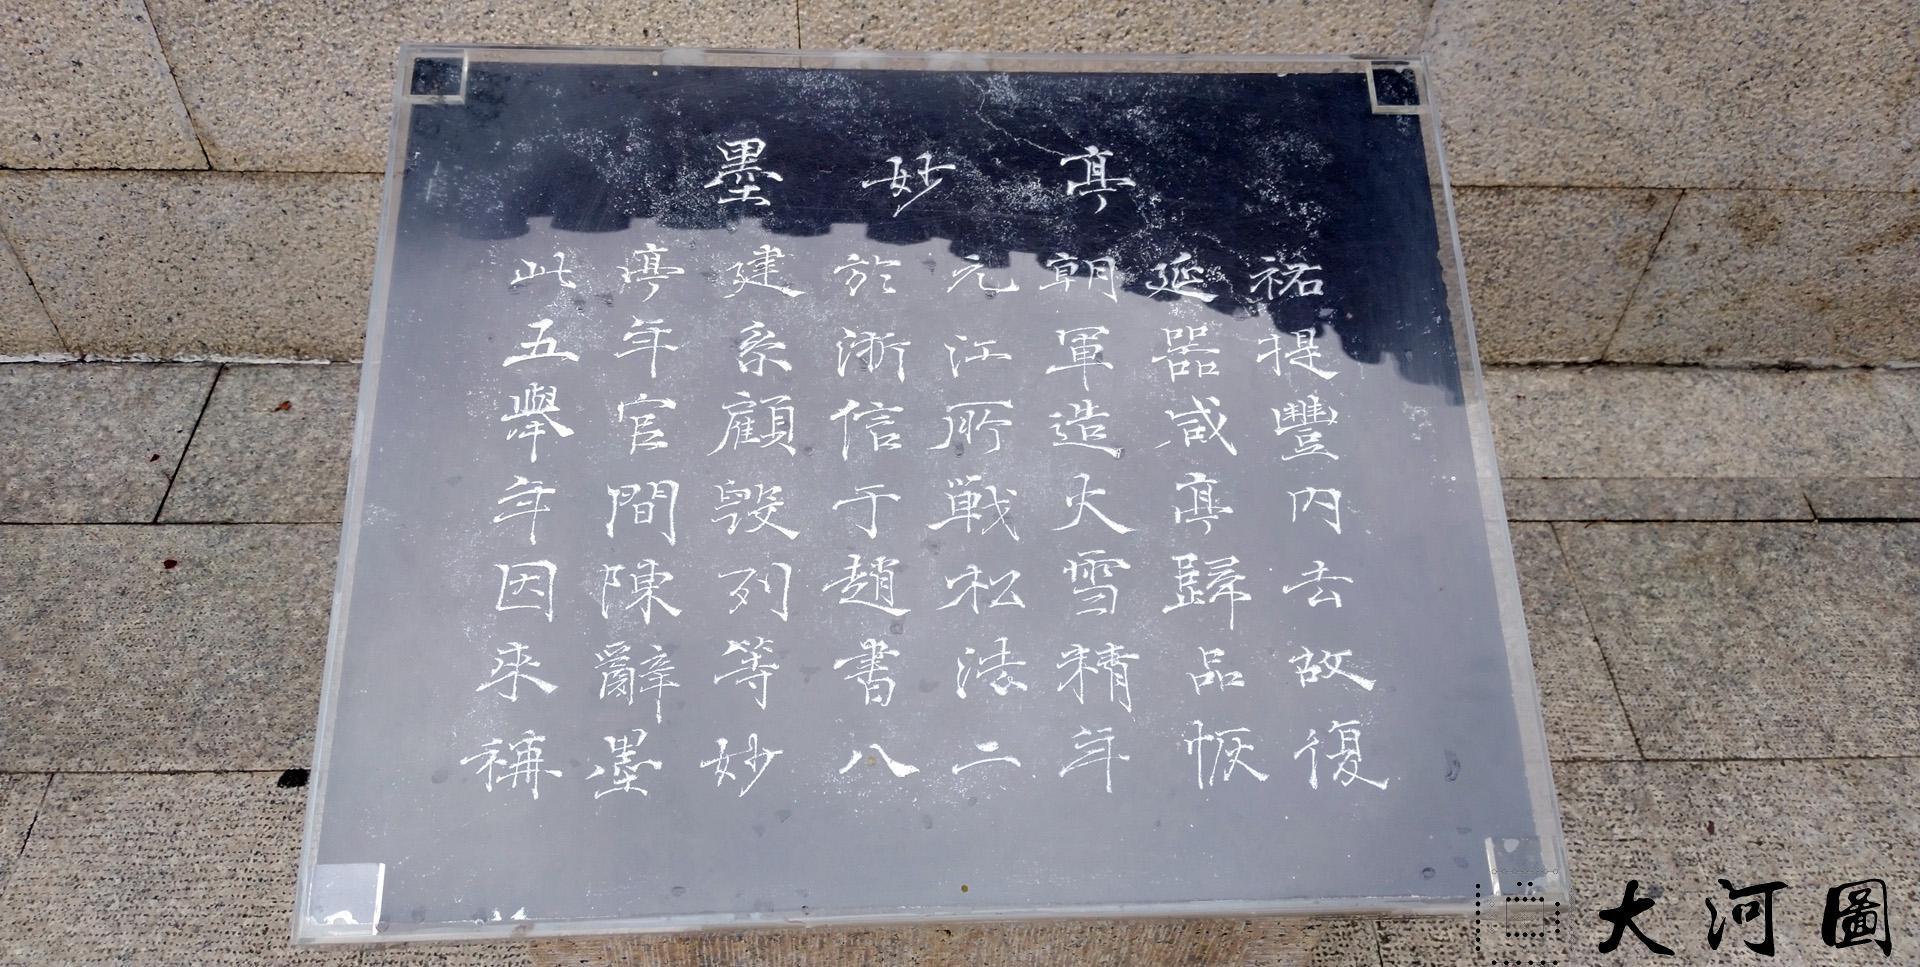 太仓弇山园石刻书法碑 石狮子 墨妙亭 这里是太仓 摄影 第11张